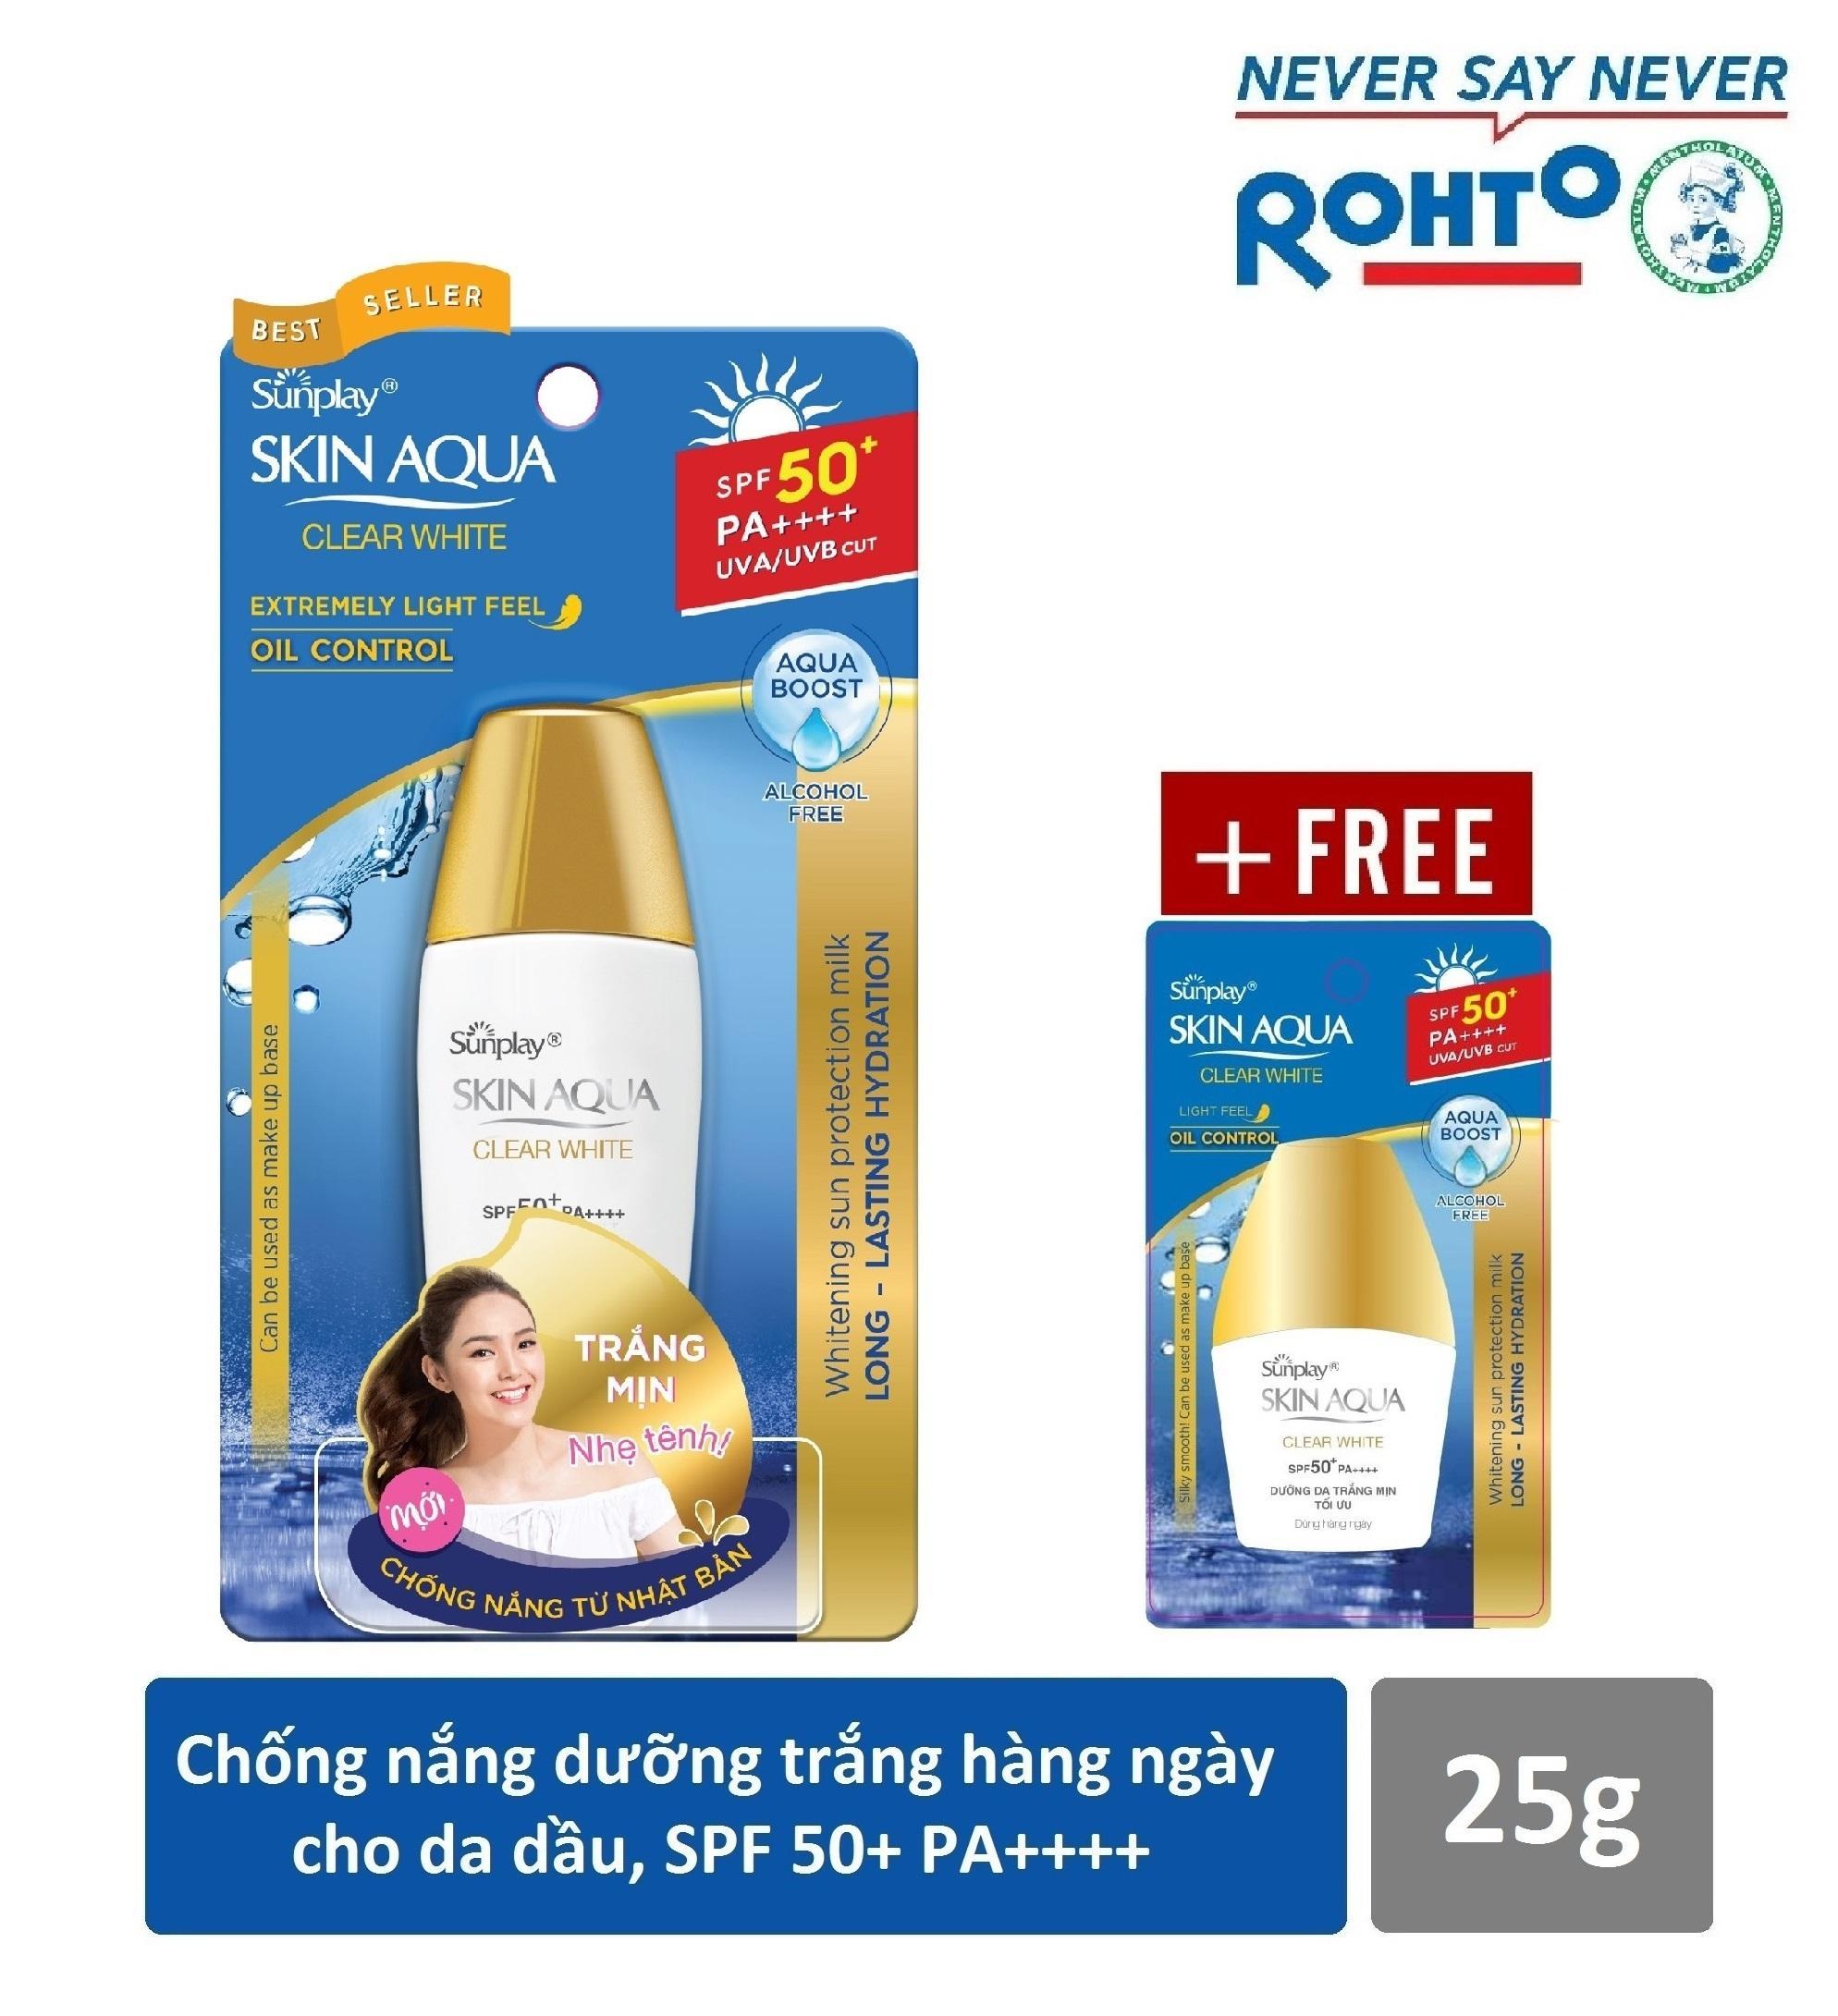 Sữa chống nắng hằng ngày dưỡng trắng Sunplay Skin Aqua Clear White SPF 50+ PA++++ 25g + Tặng Sữa chống nắng Sunplay Skin Aqua 5g tốt nhất